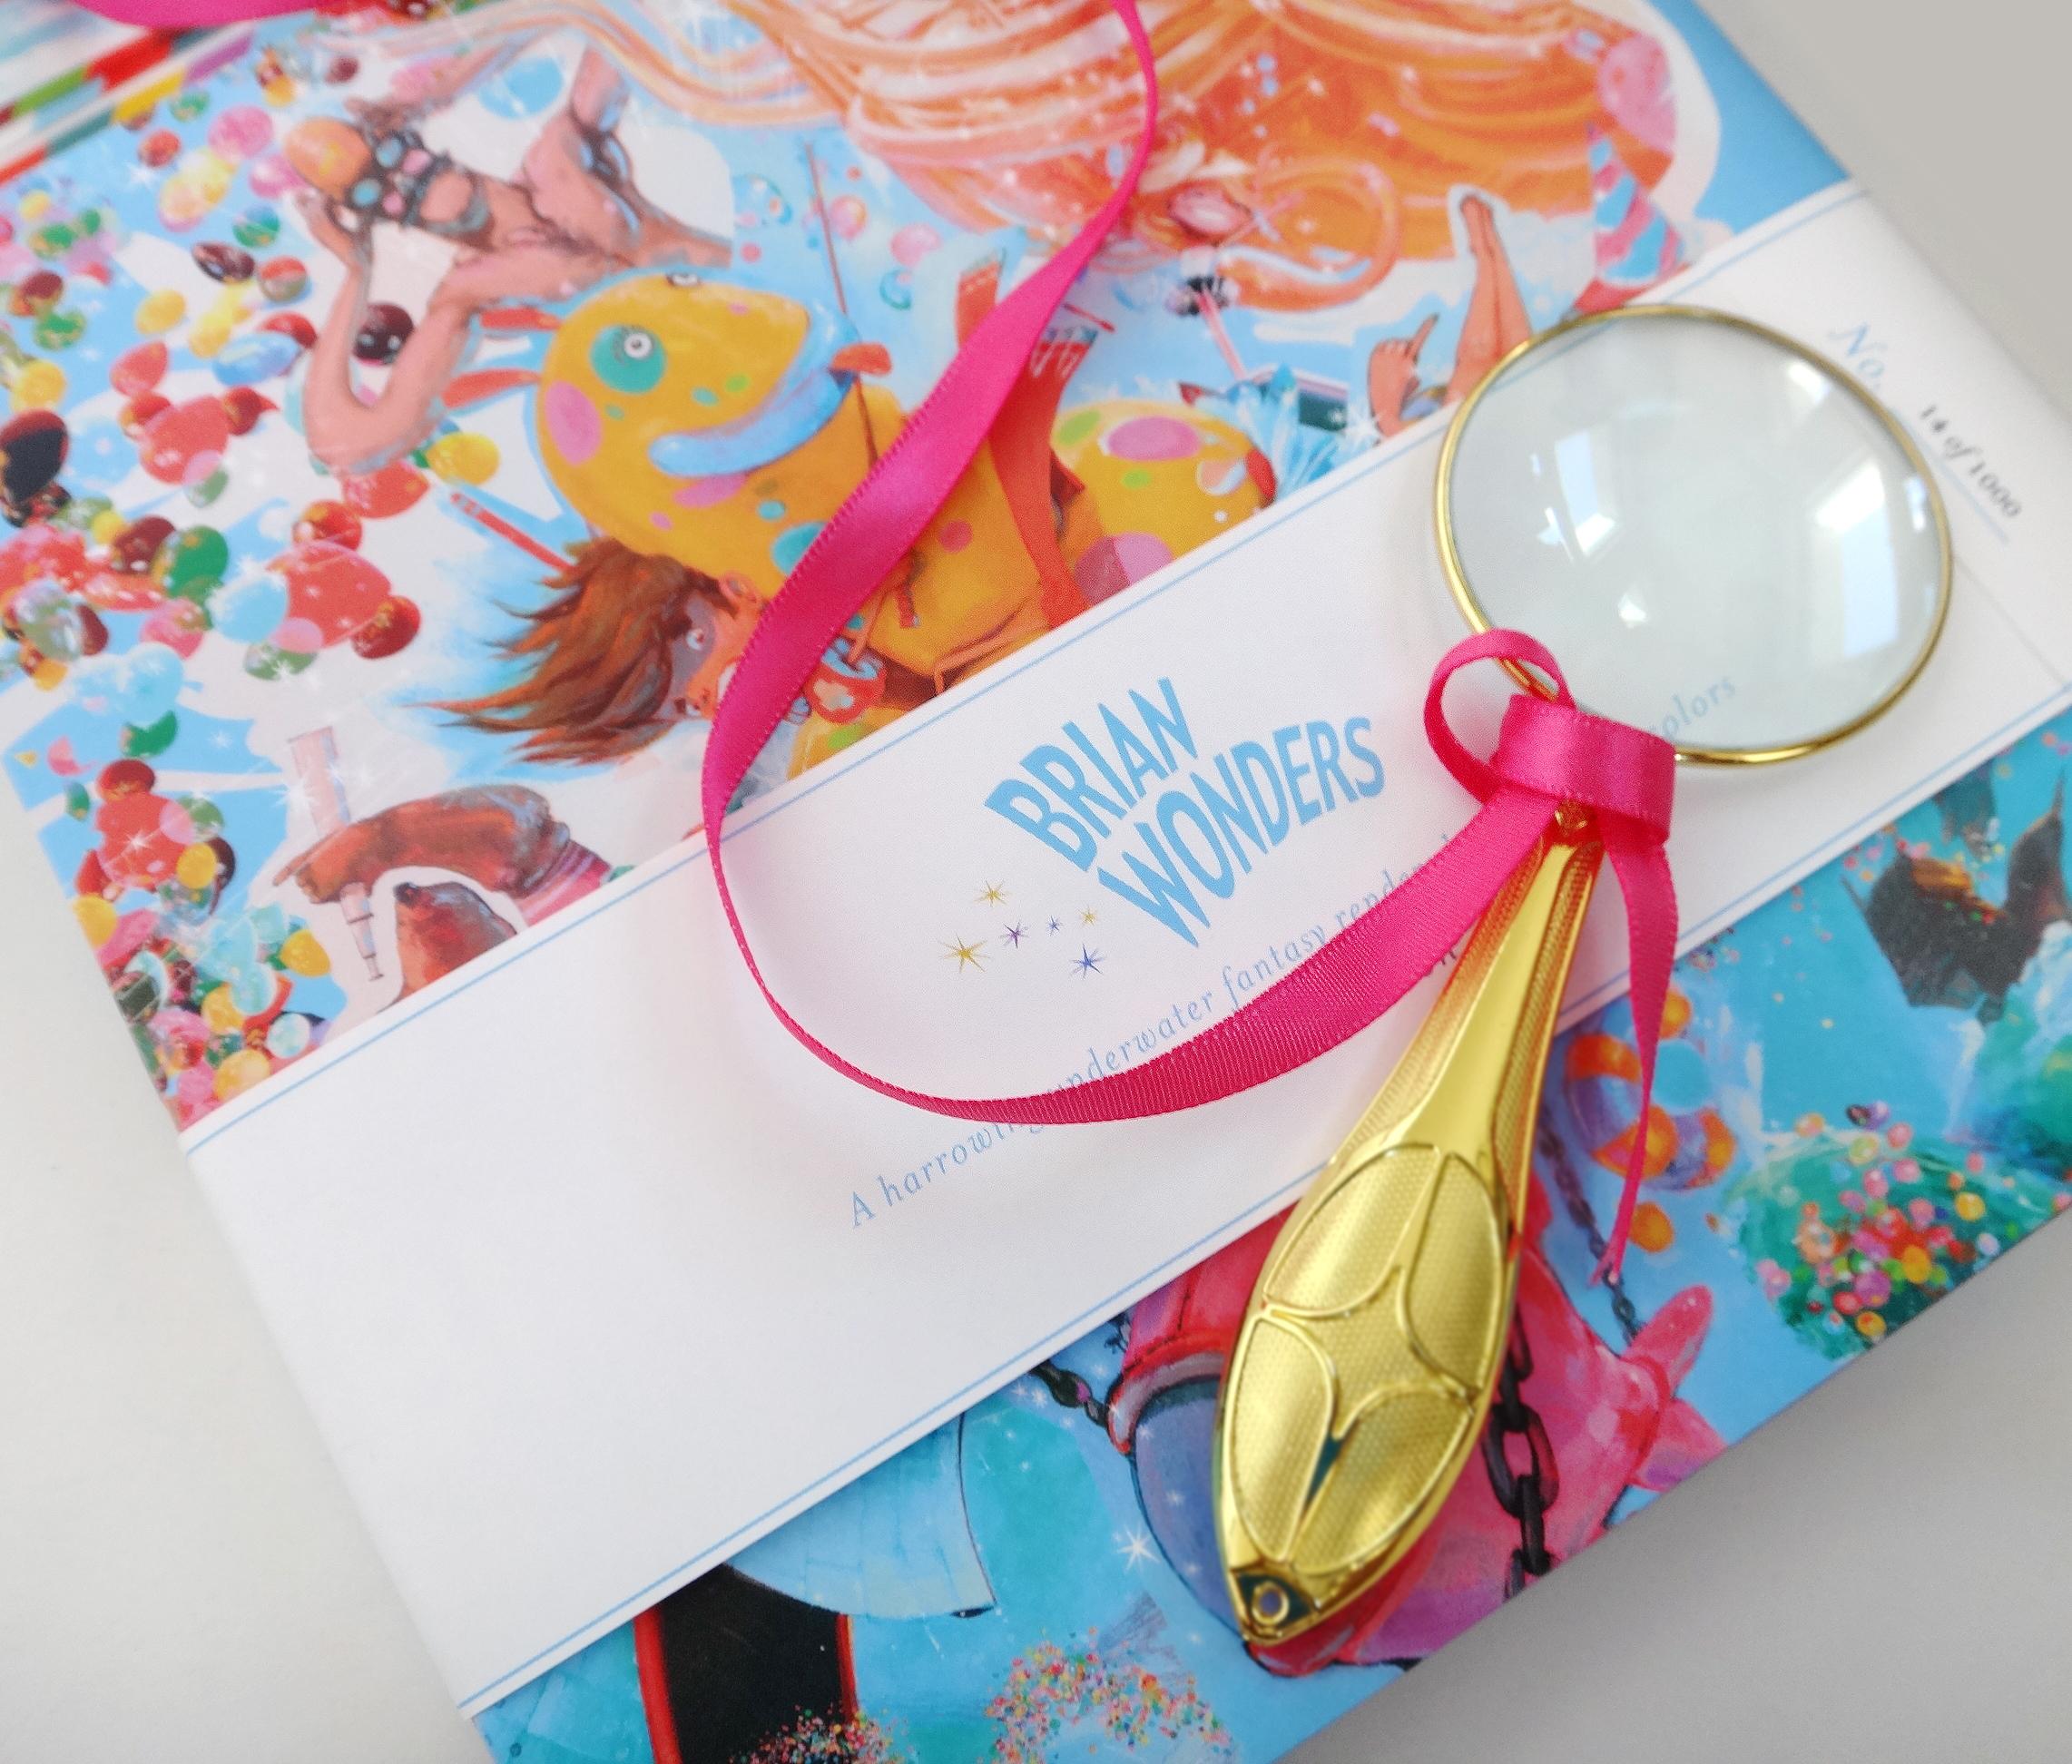 2nd Edition - mini sticker book